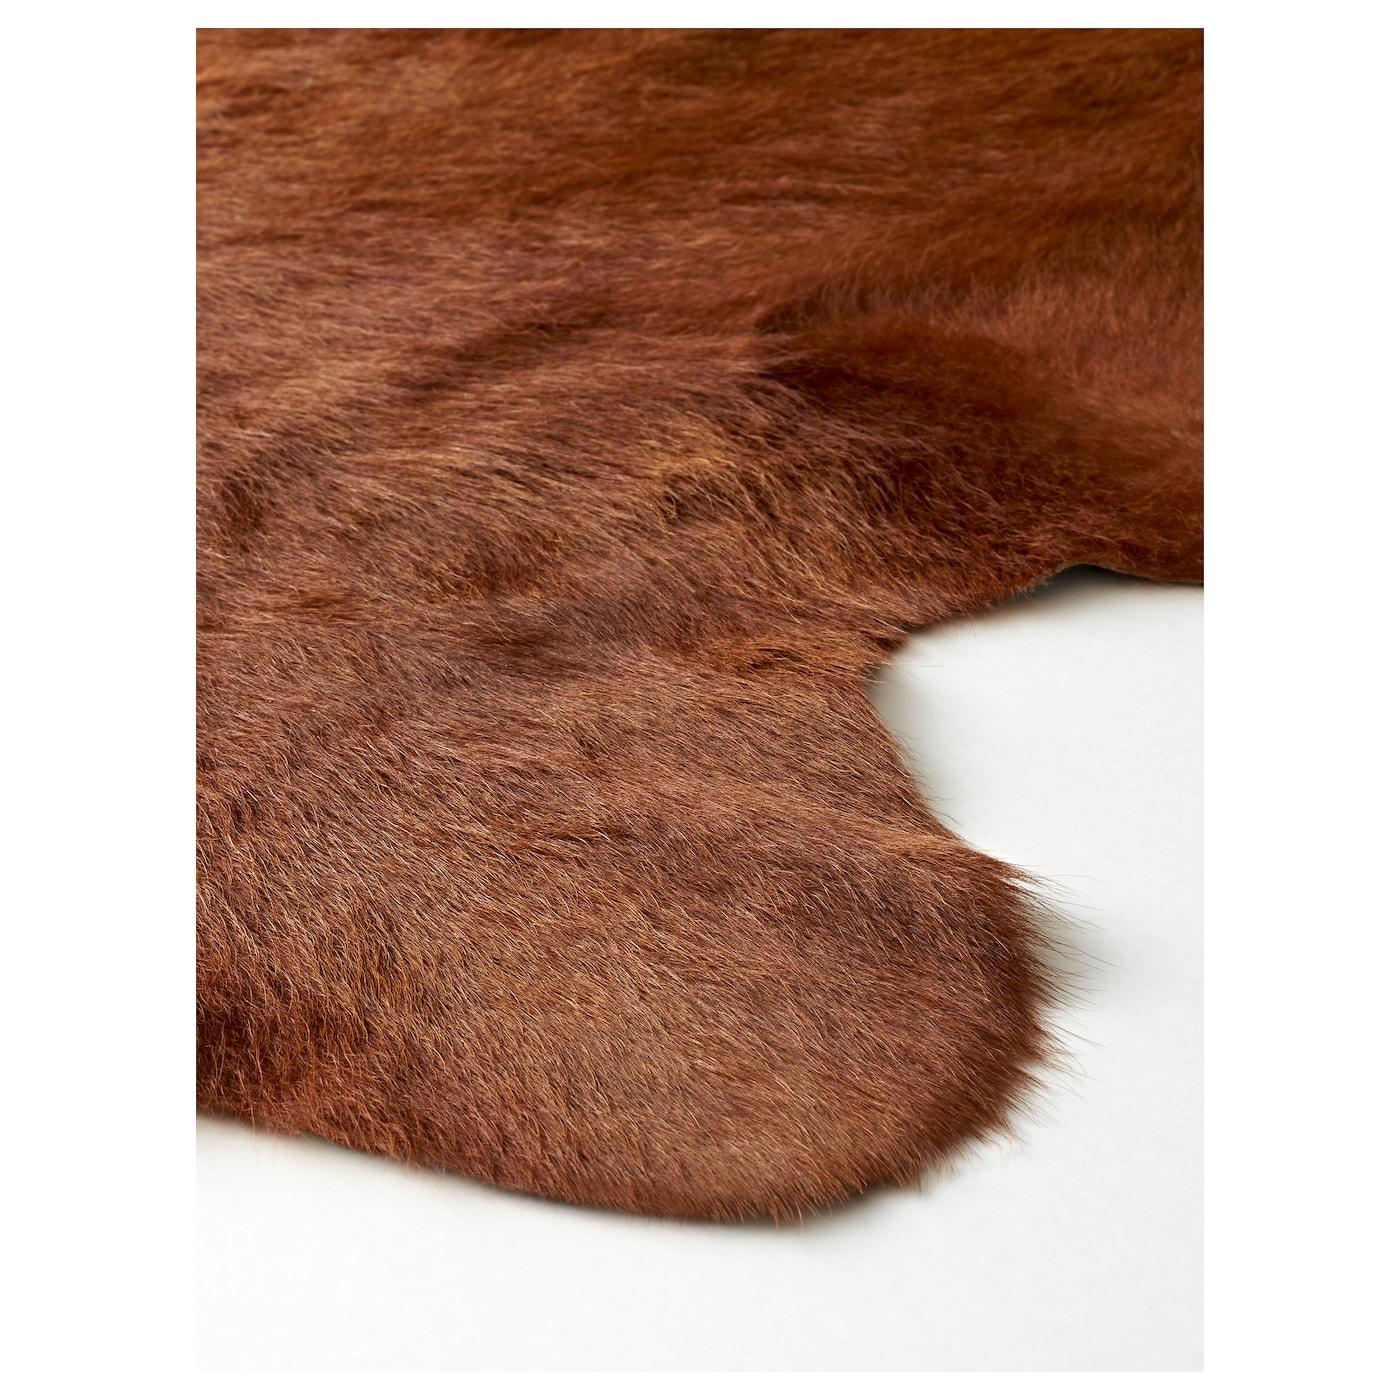 cowhide rugs seam detail